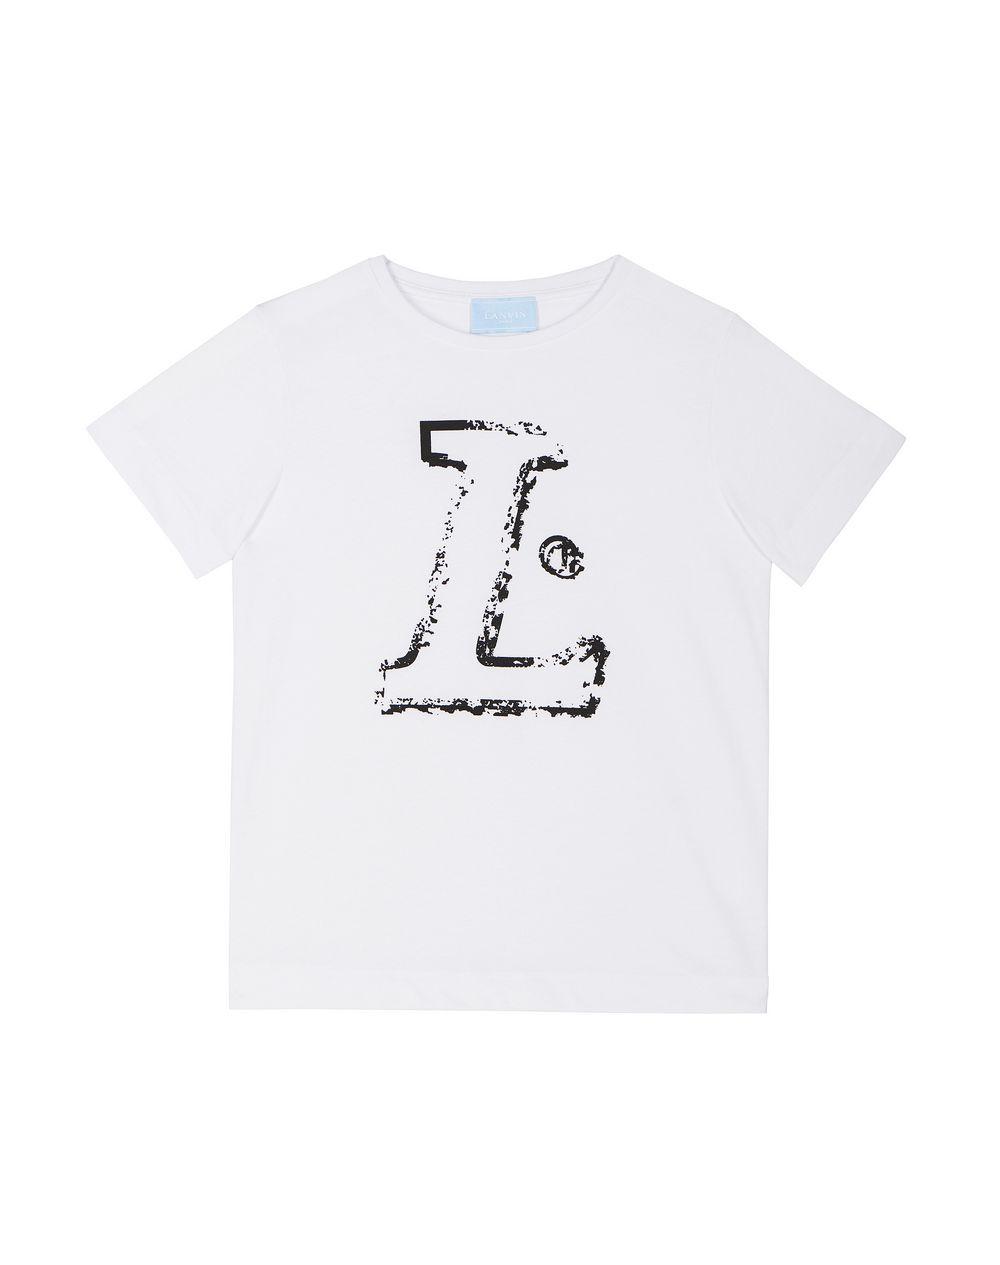 WHITE L T-SHIRT - Lanvin